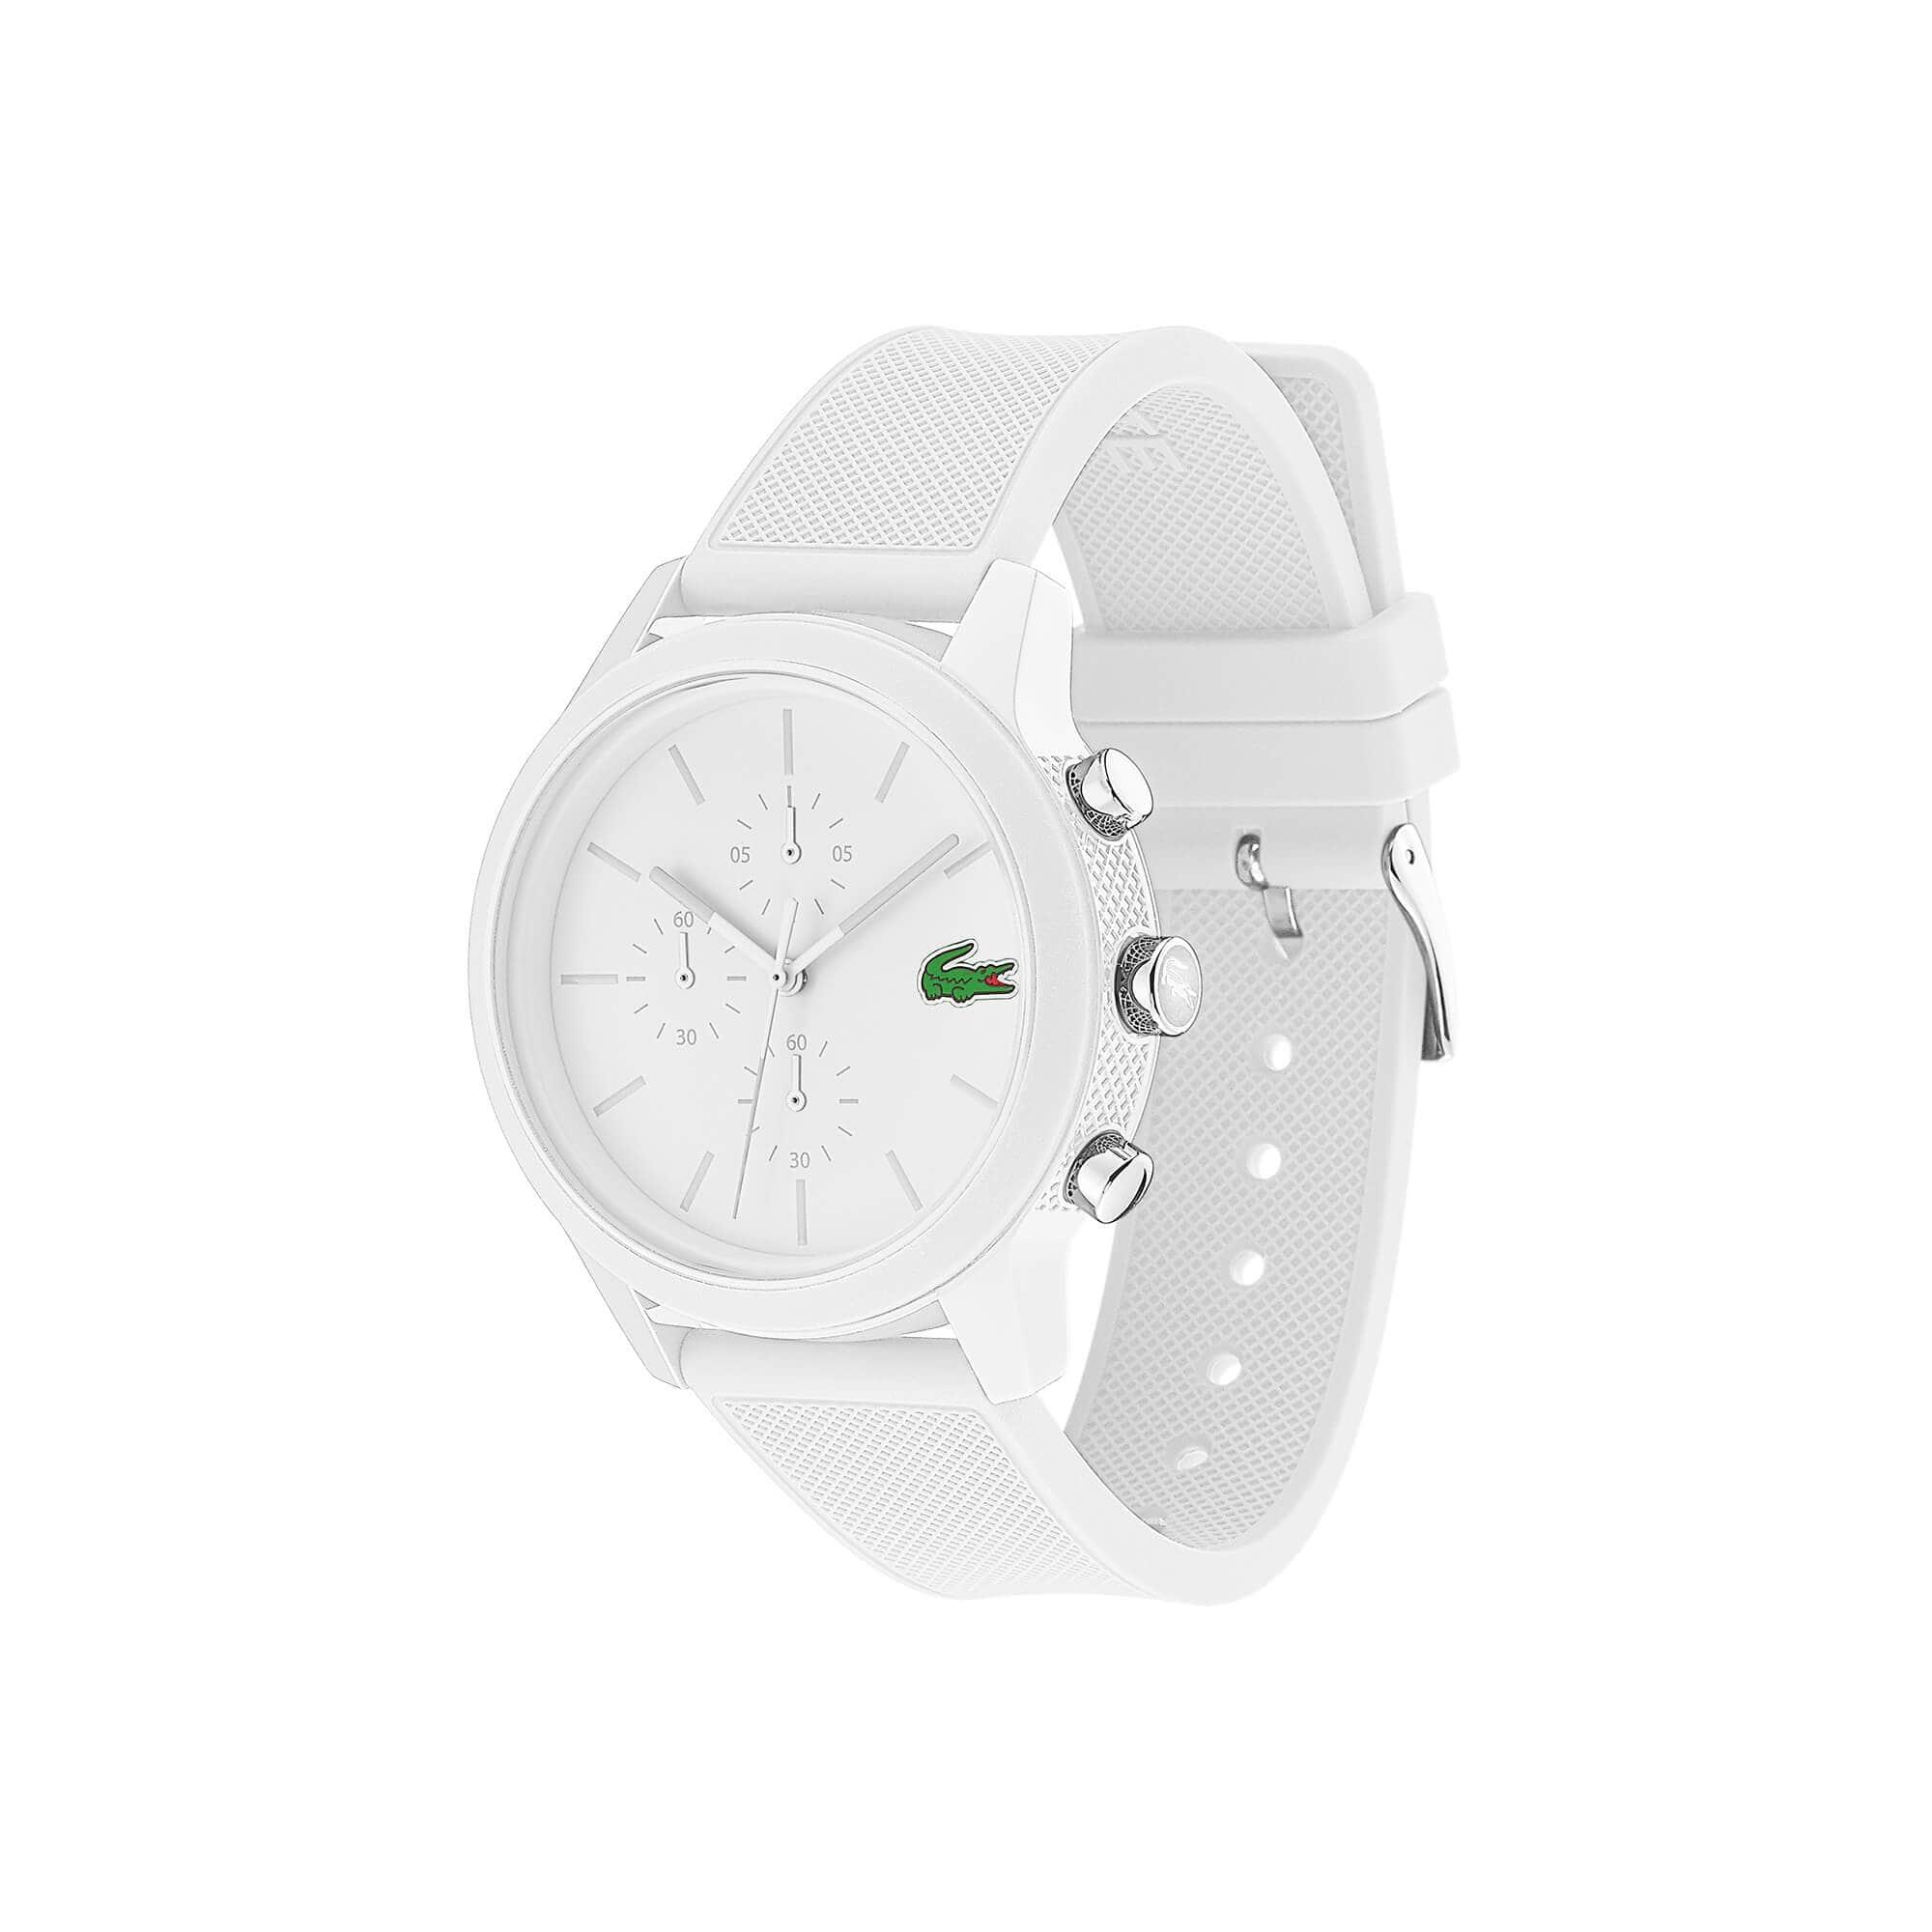 LACOSTE 12.12 Herren-Chronograph mit weißem Silikonband